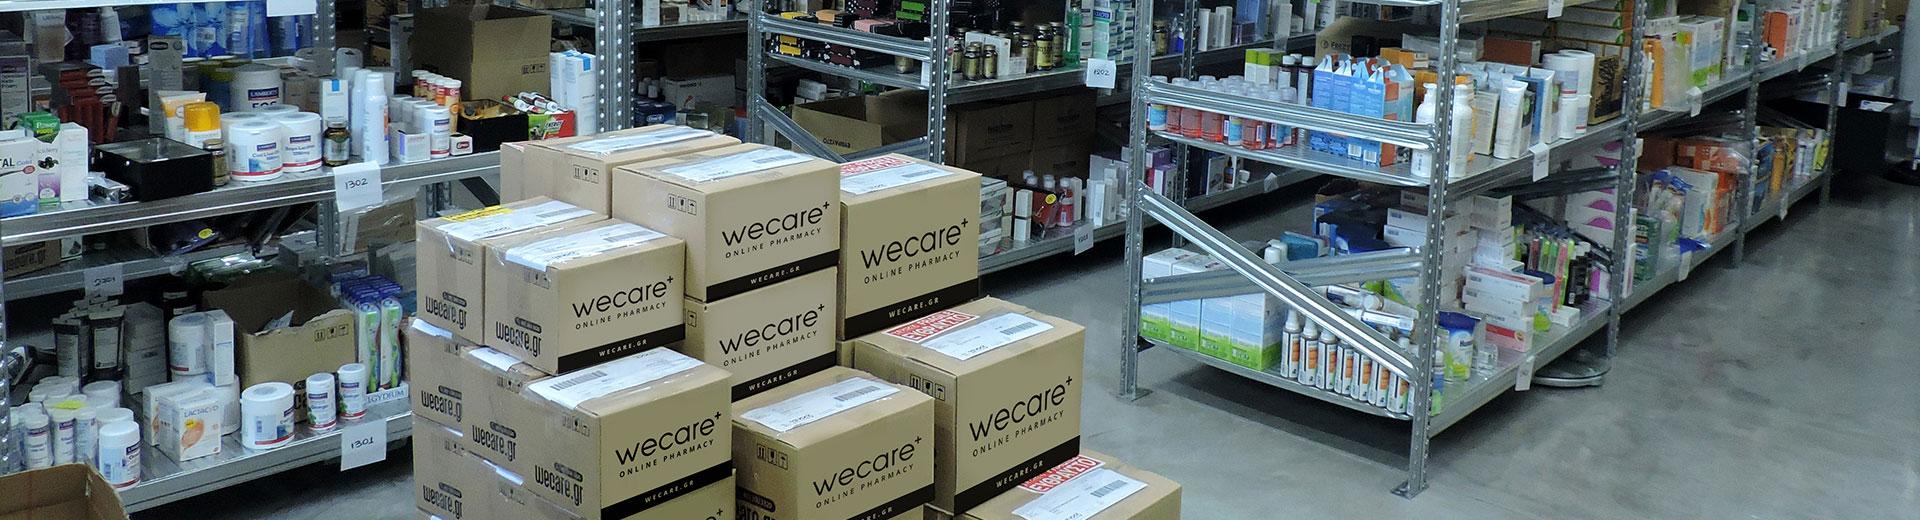 Wecare - Υψηλές προδιαγραφές φύλαξης & συντήρησης προϊόντων